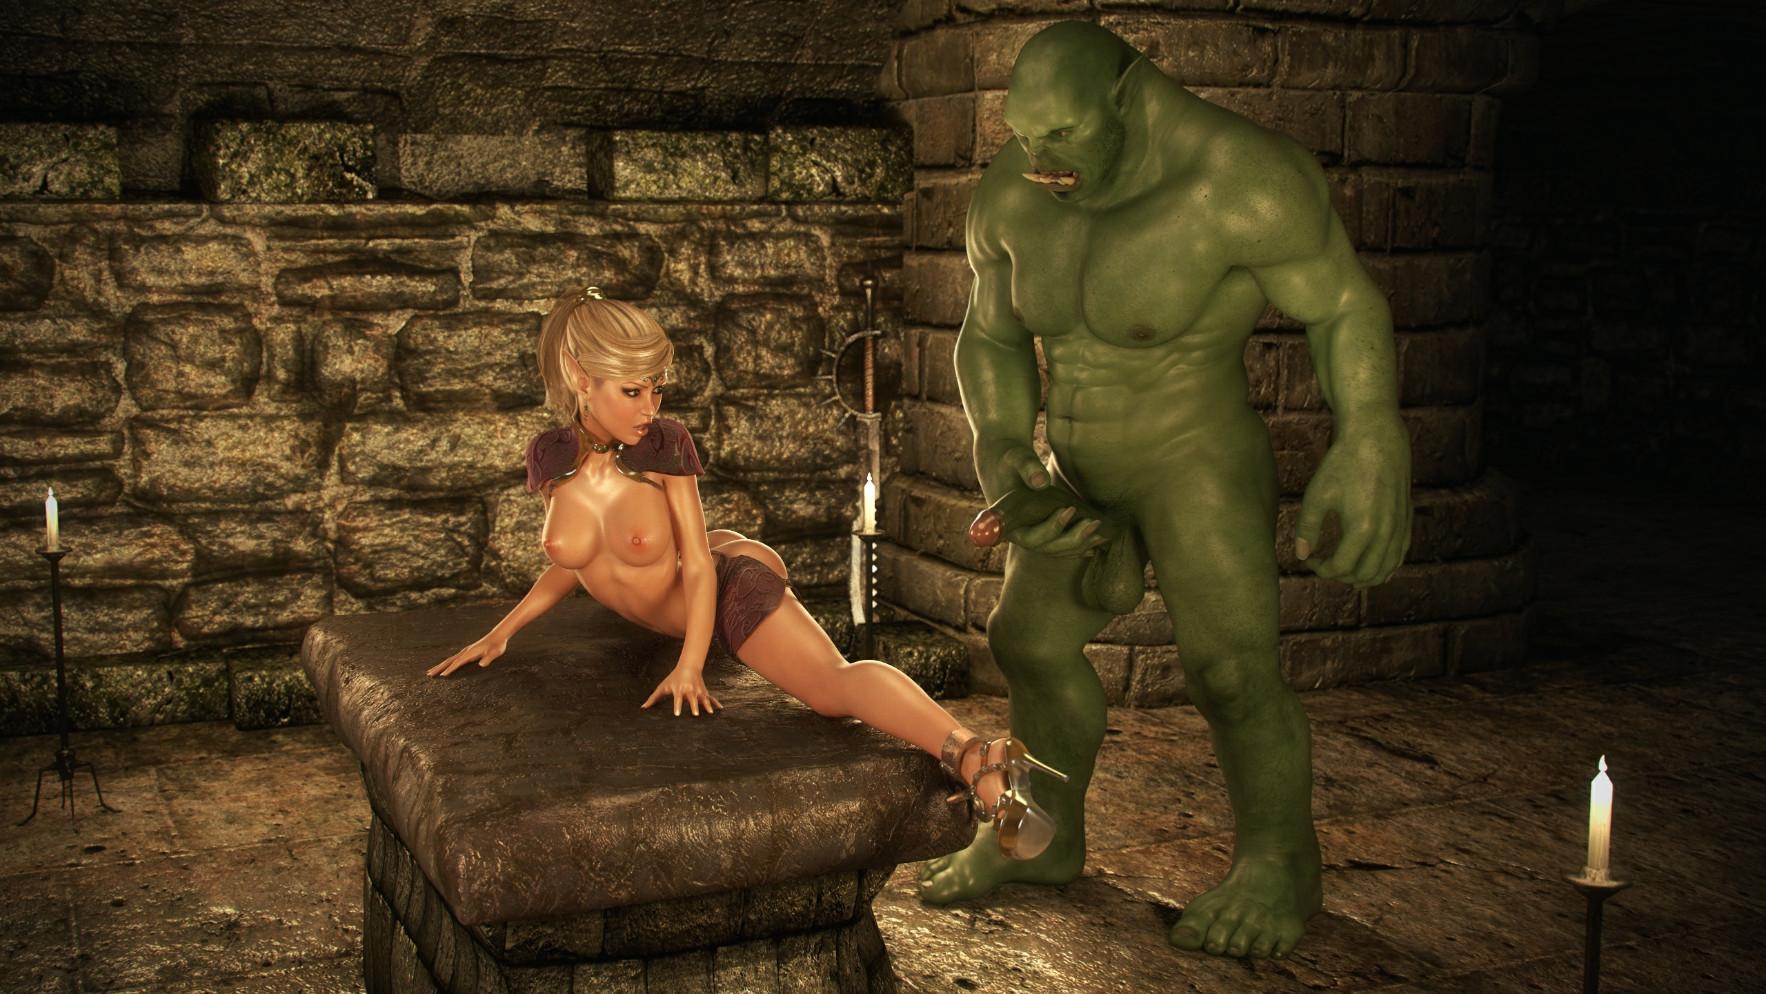 3D Monster Comic Porn Stunning x3z – dungeon | free 3d monster porn comics